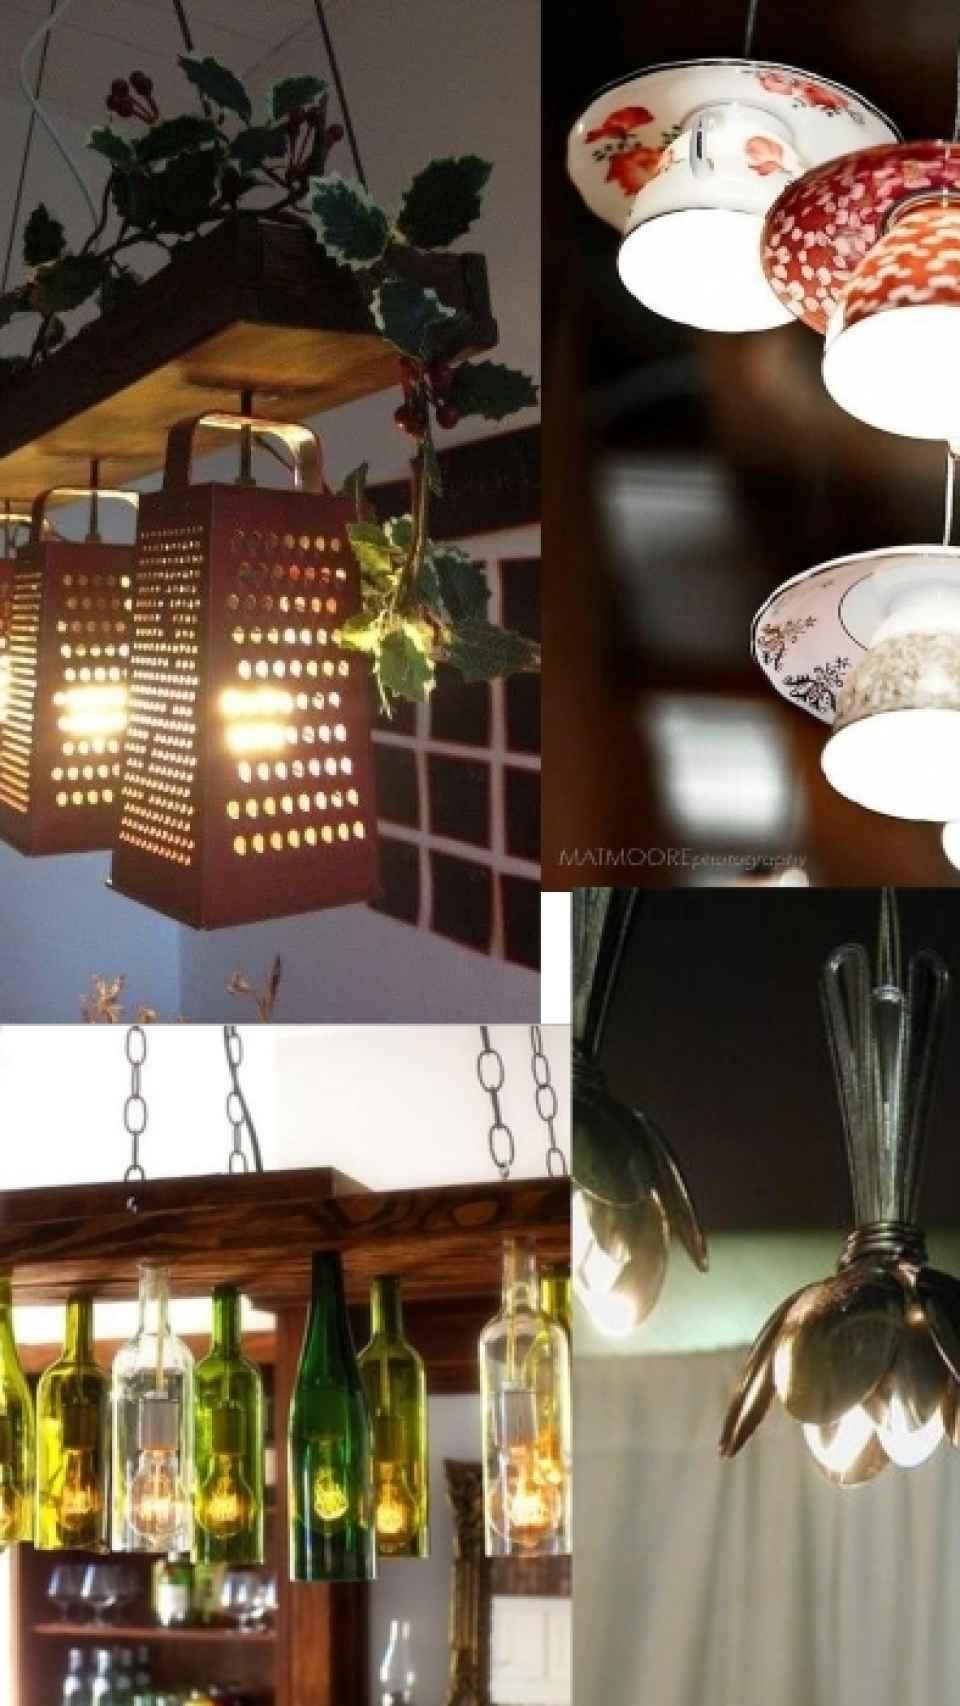 Lámparas con diferentes utensilios de cocina